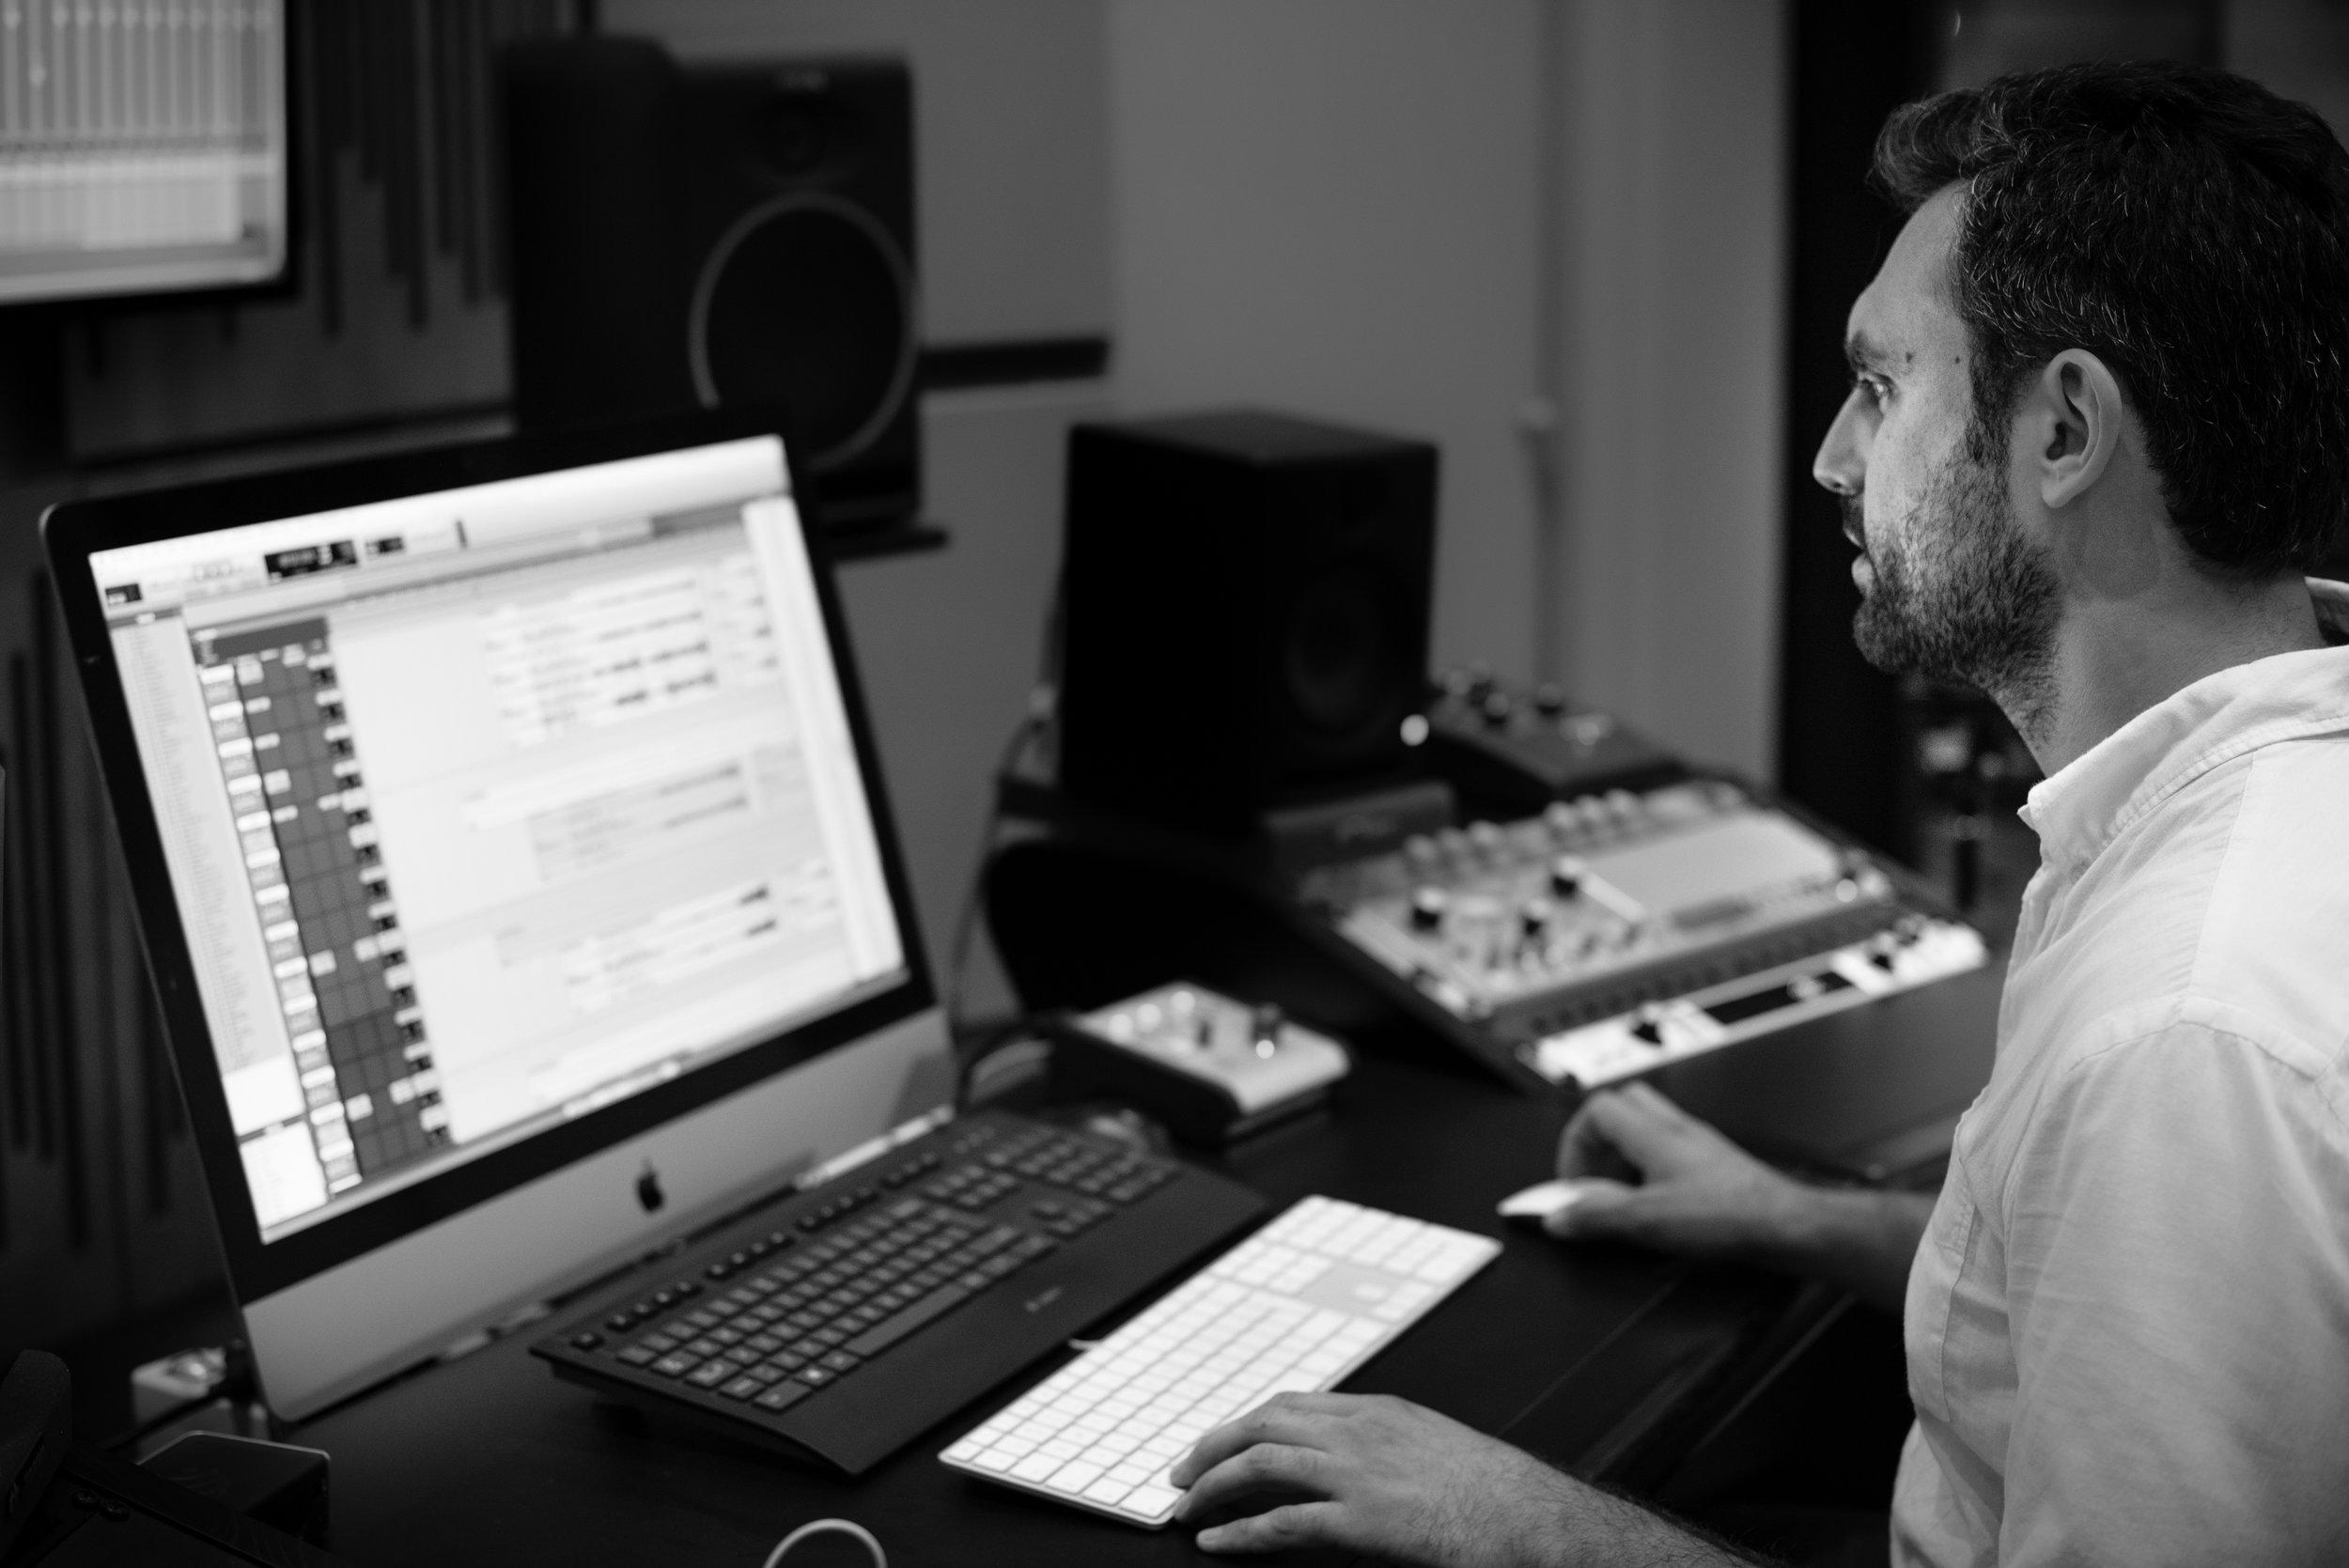 Composer Alessandro Mastroianni